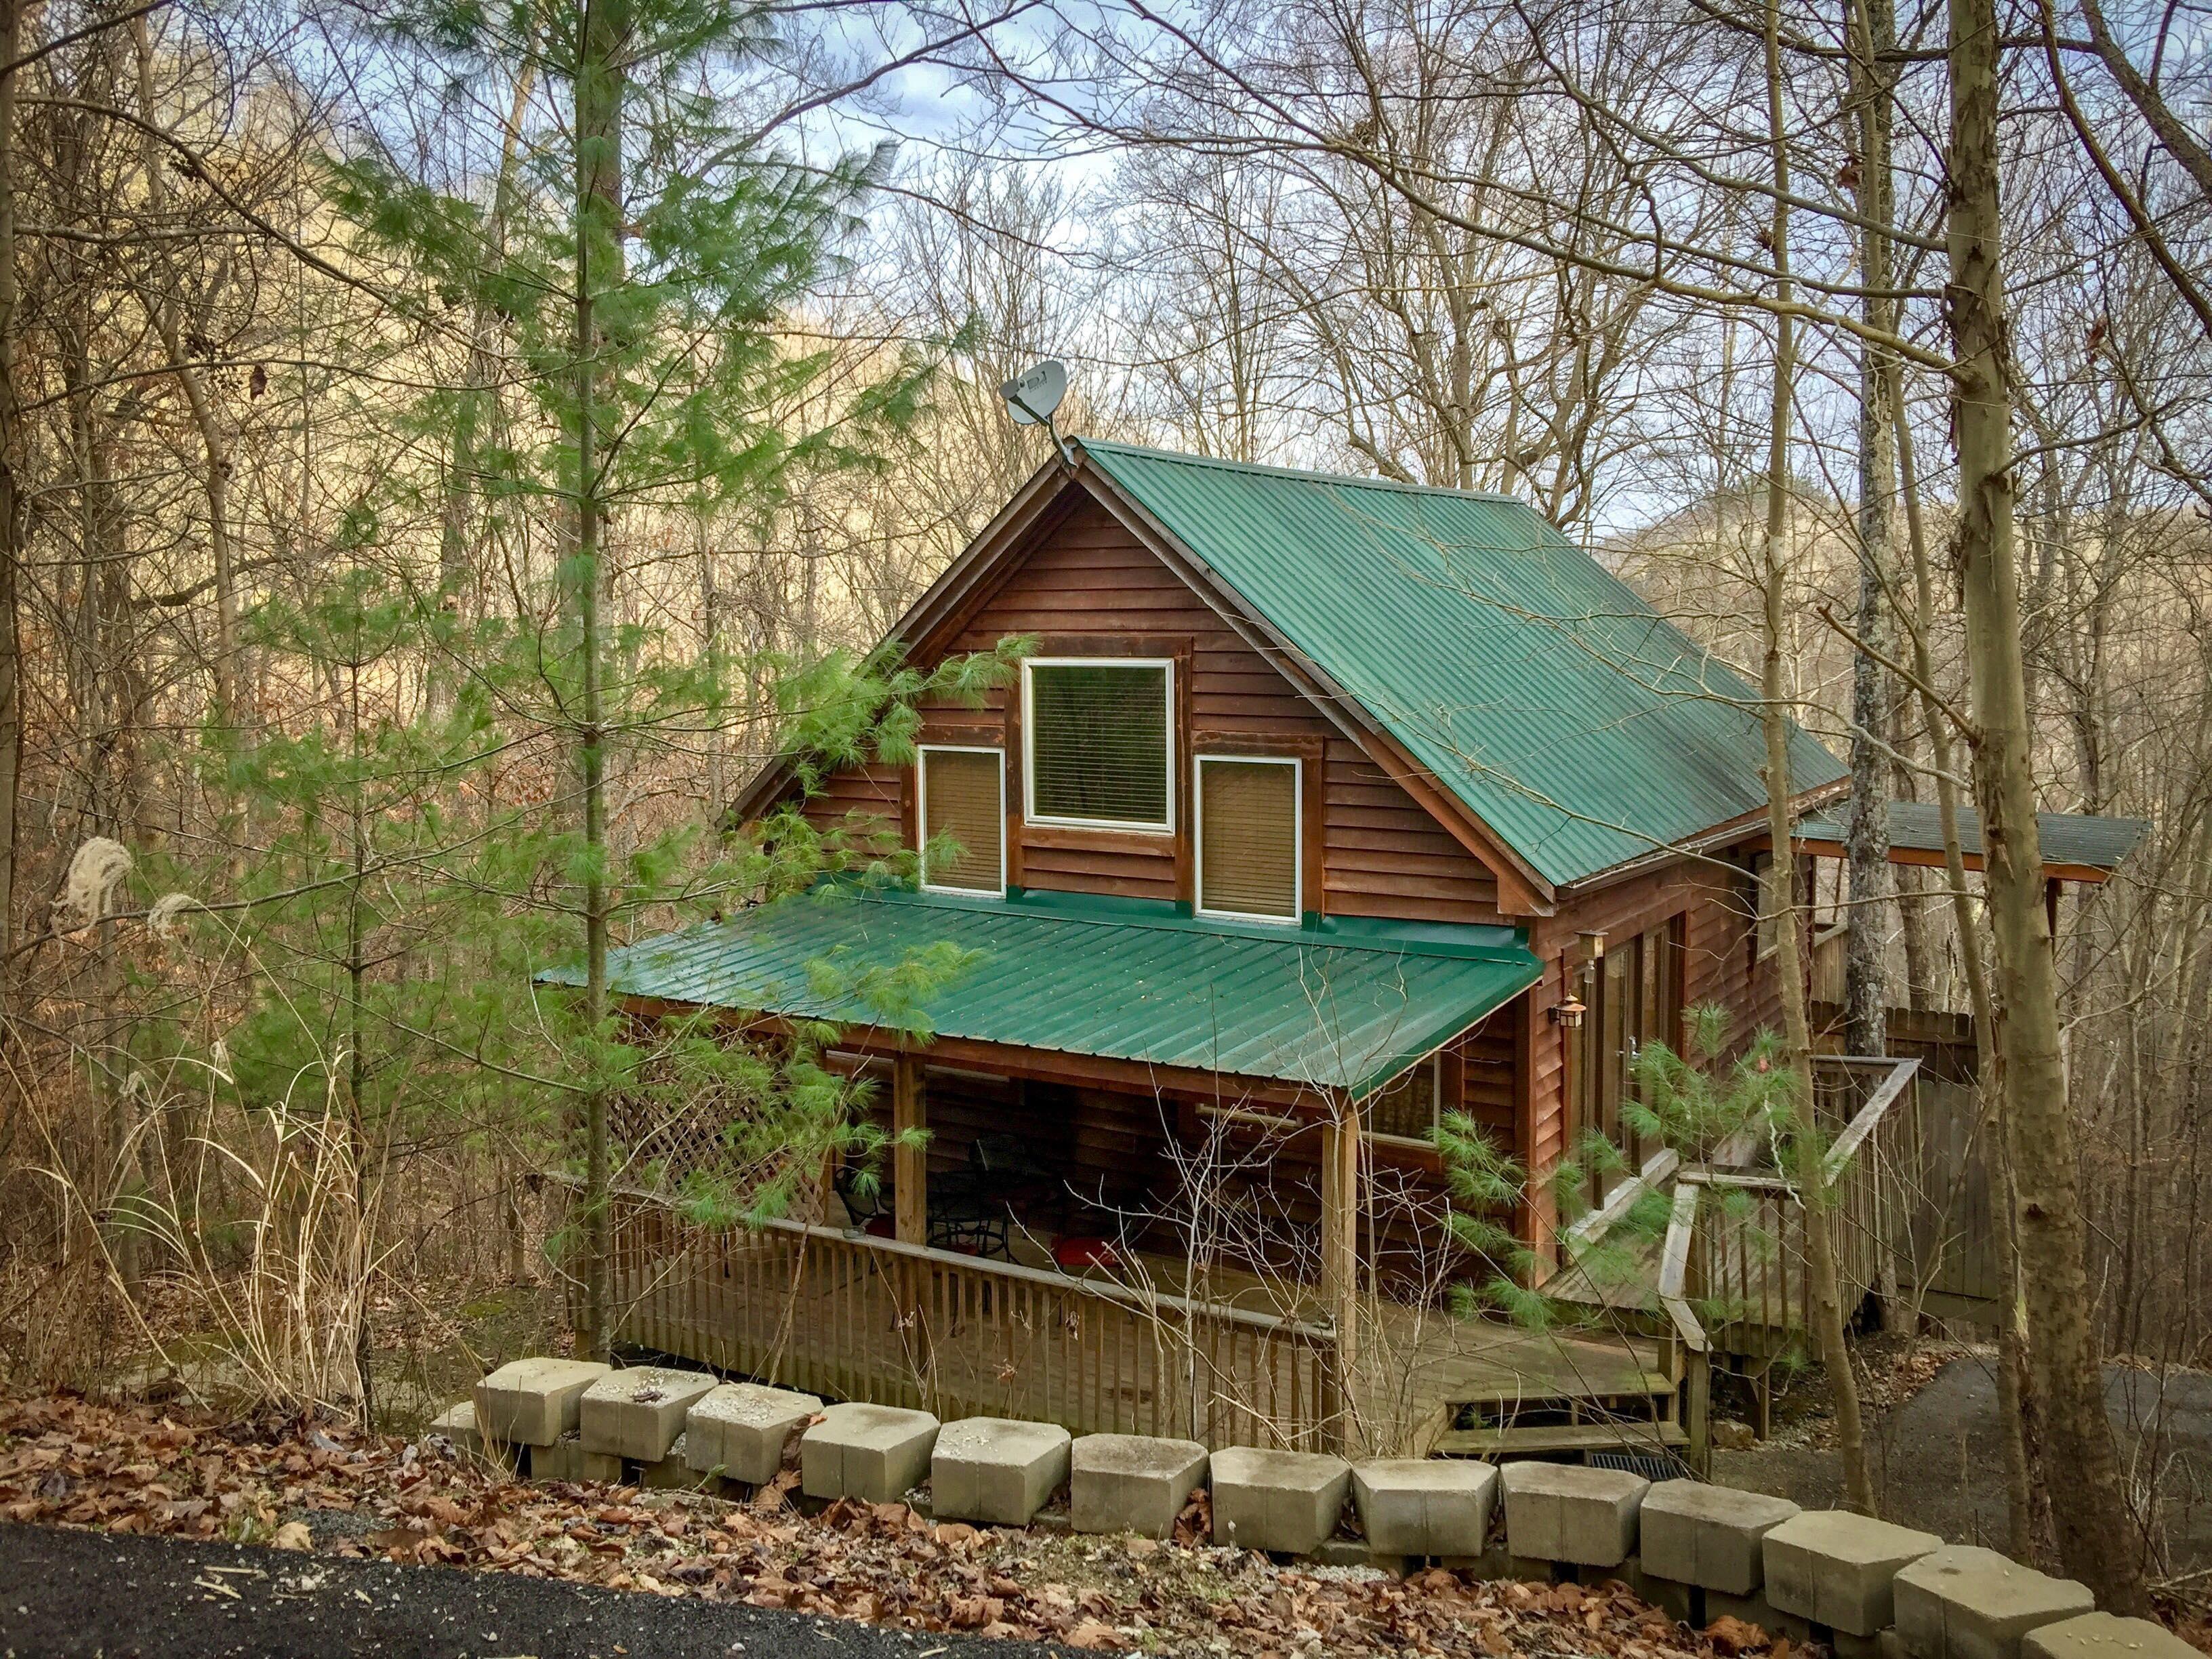 Beary cozy natural bridge cabin rental resort cabins